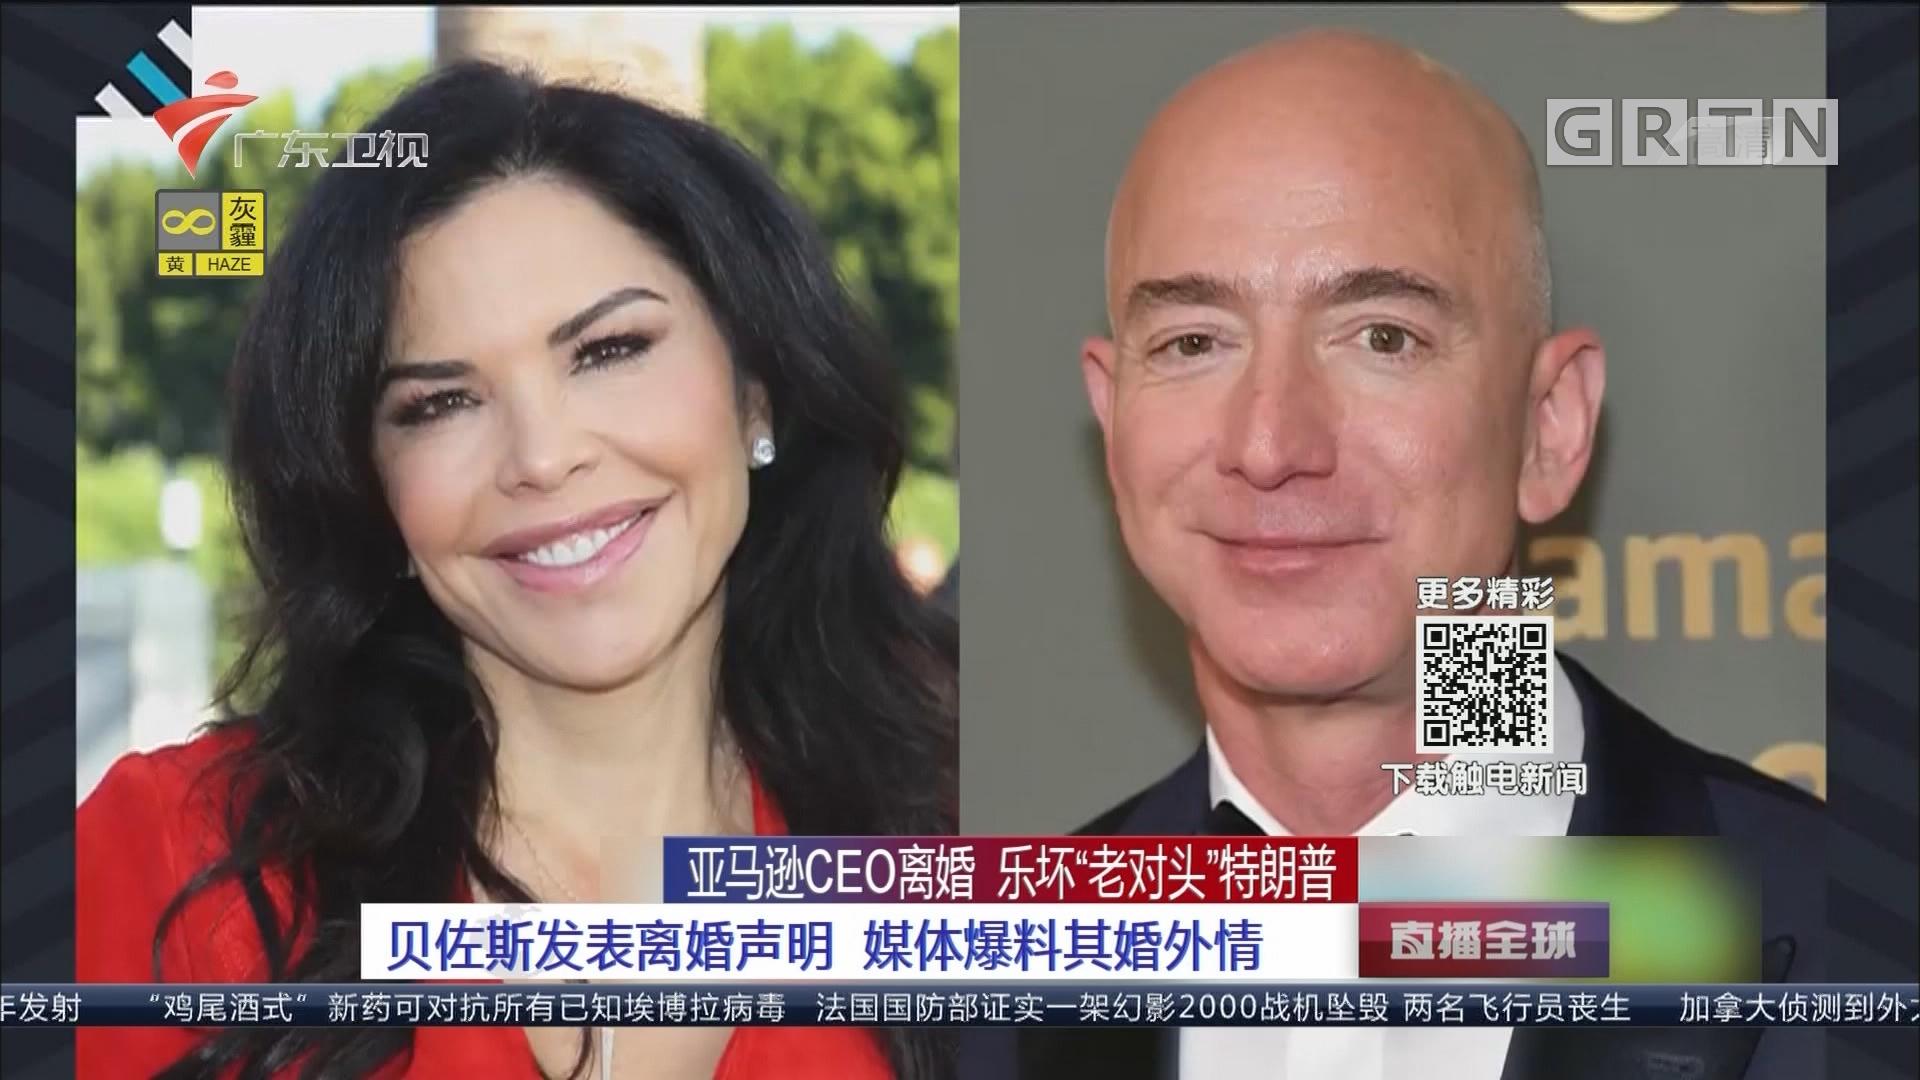 """亚马逊CEO离婚 乐坏""""老对头""""特朗普 贝佐斯发表离婚声明 媒体爆料其婚外情"""